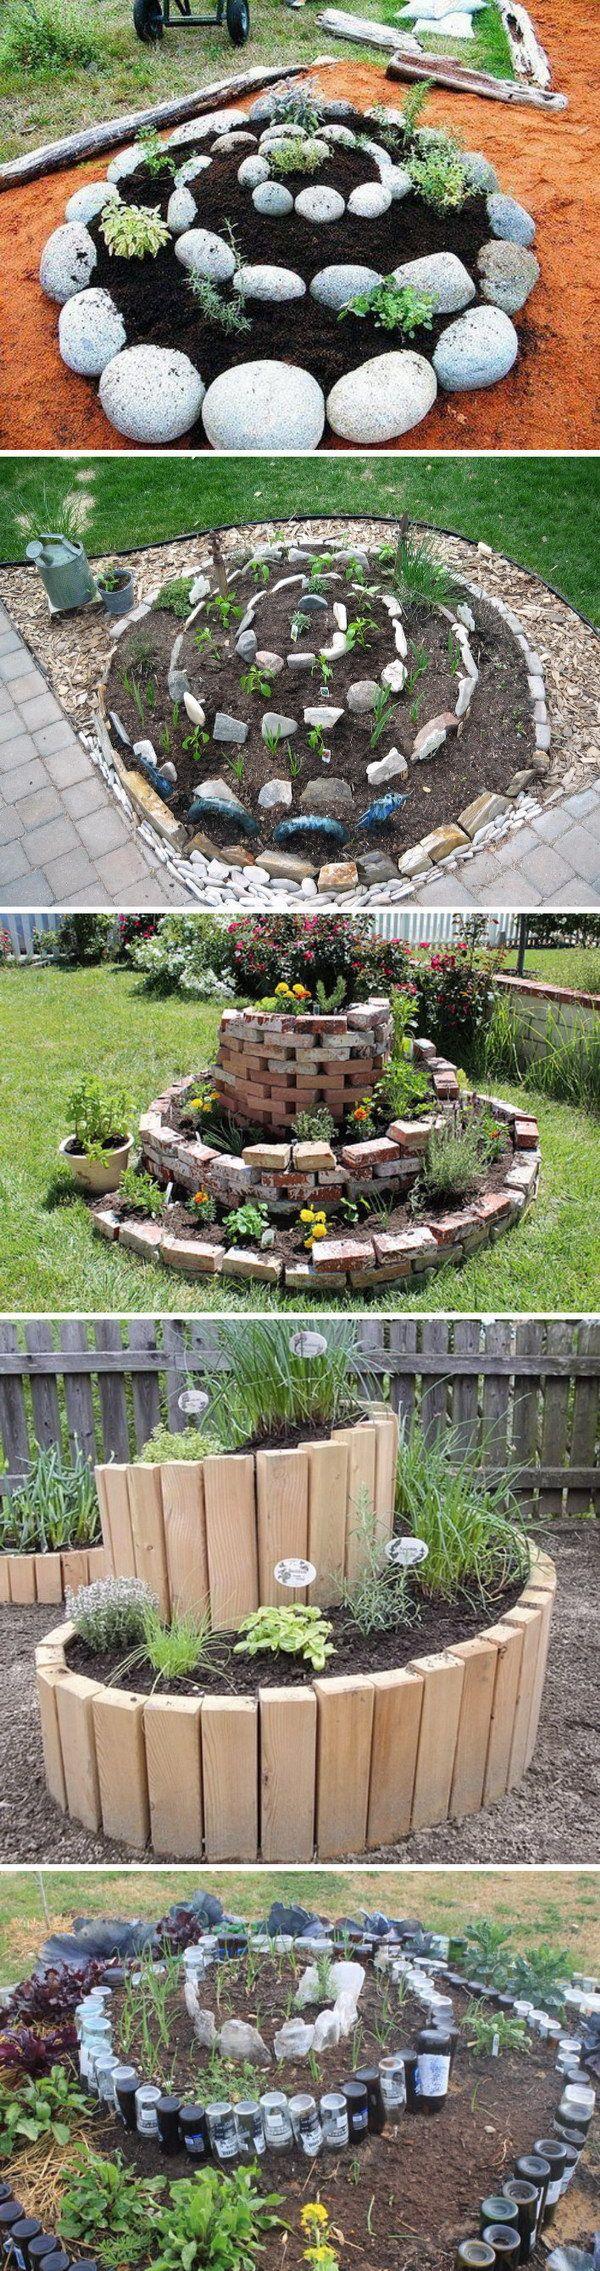 30+ Raised Garden Bed Ideas Garden projects, Spiral